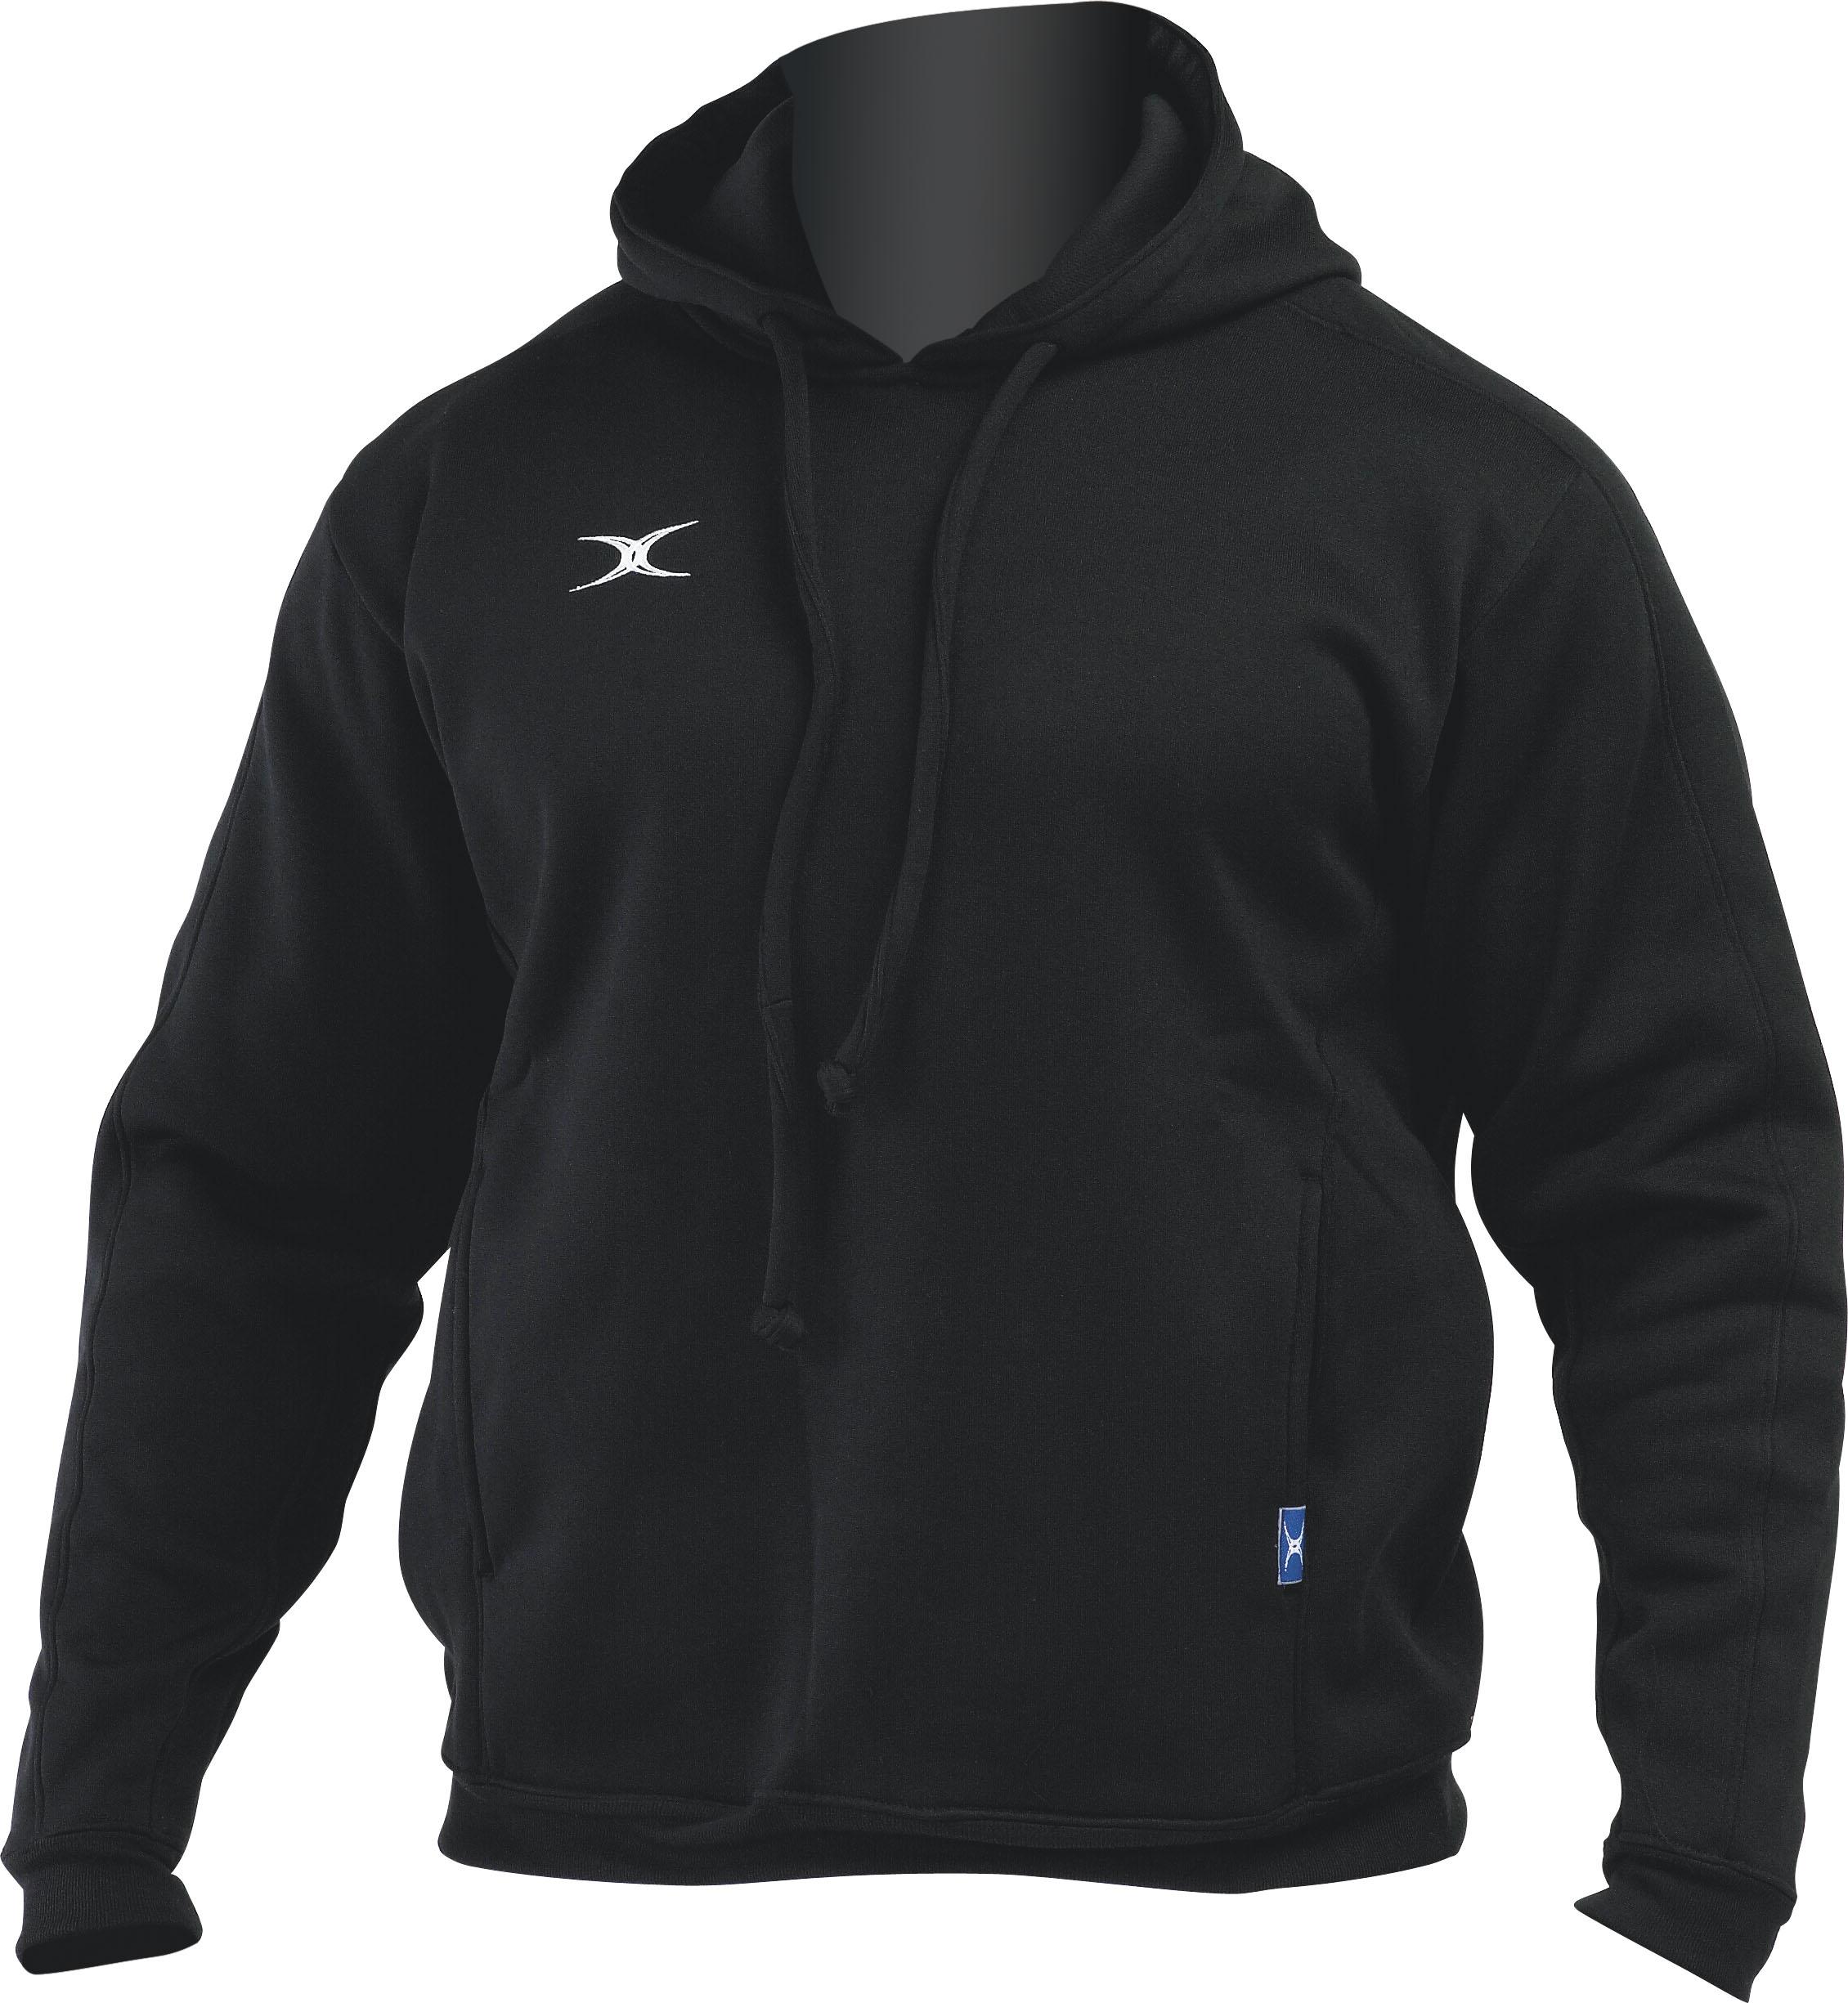 Gilbert-Rugby-Hooded-Sweat-Top-Mens-Hoody-Jumper-Fleece-Sweater-3XS-3XL